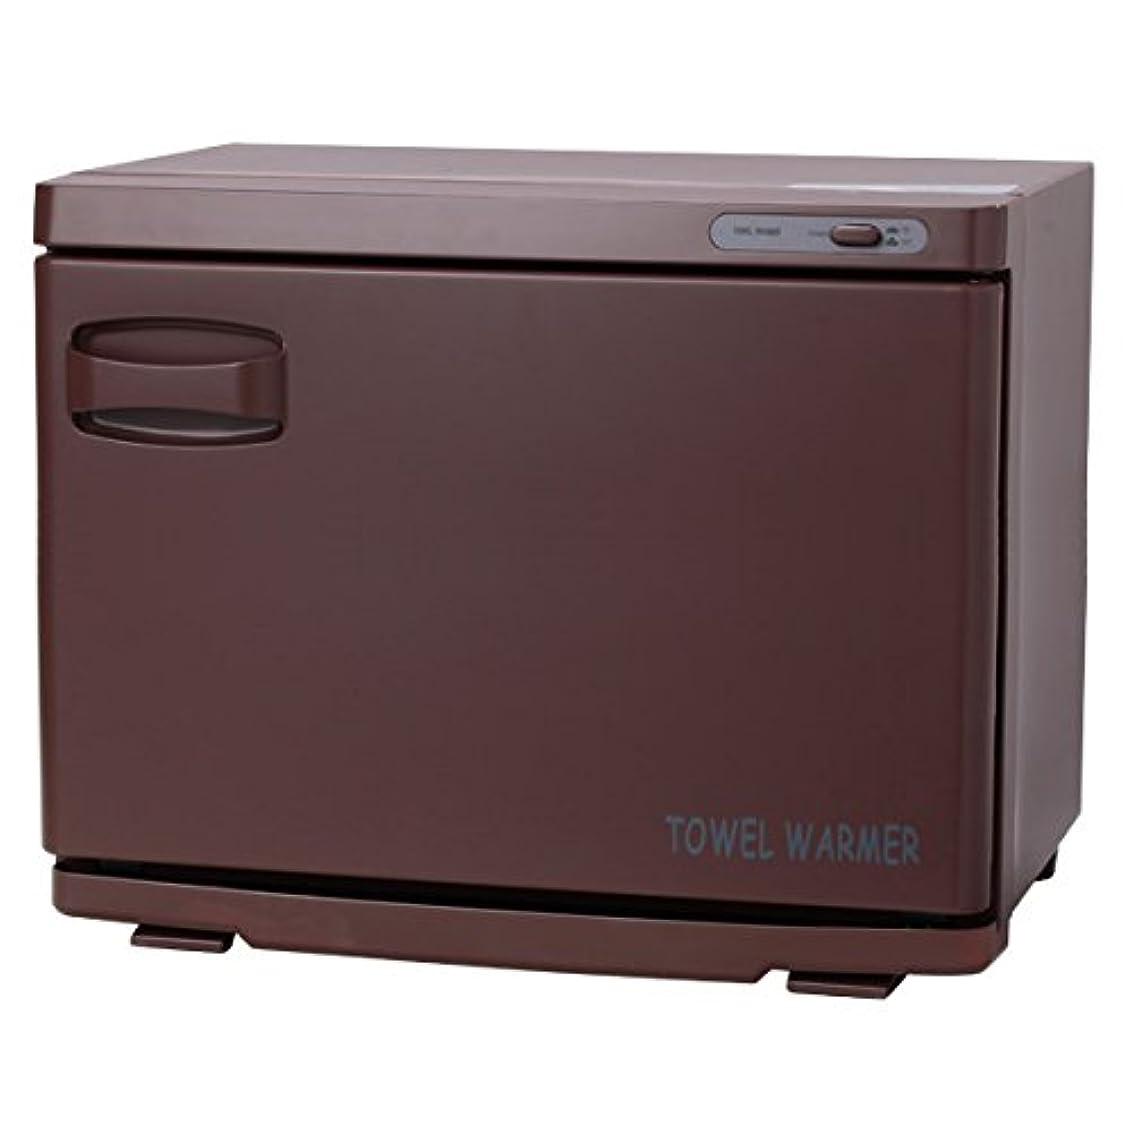 遅れ維持社会科タオルウォーマー ブラウン ( 前開き ) 18L 業務用 タオル蒸し器 おしぼり蒸し器 保温器